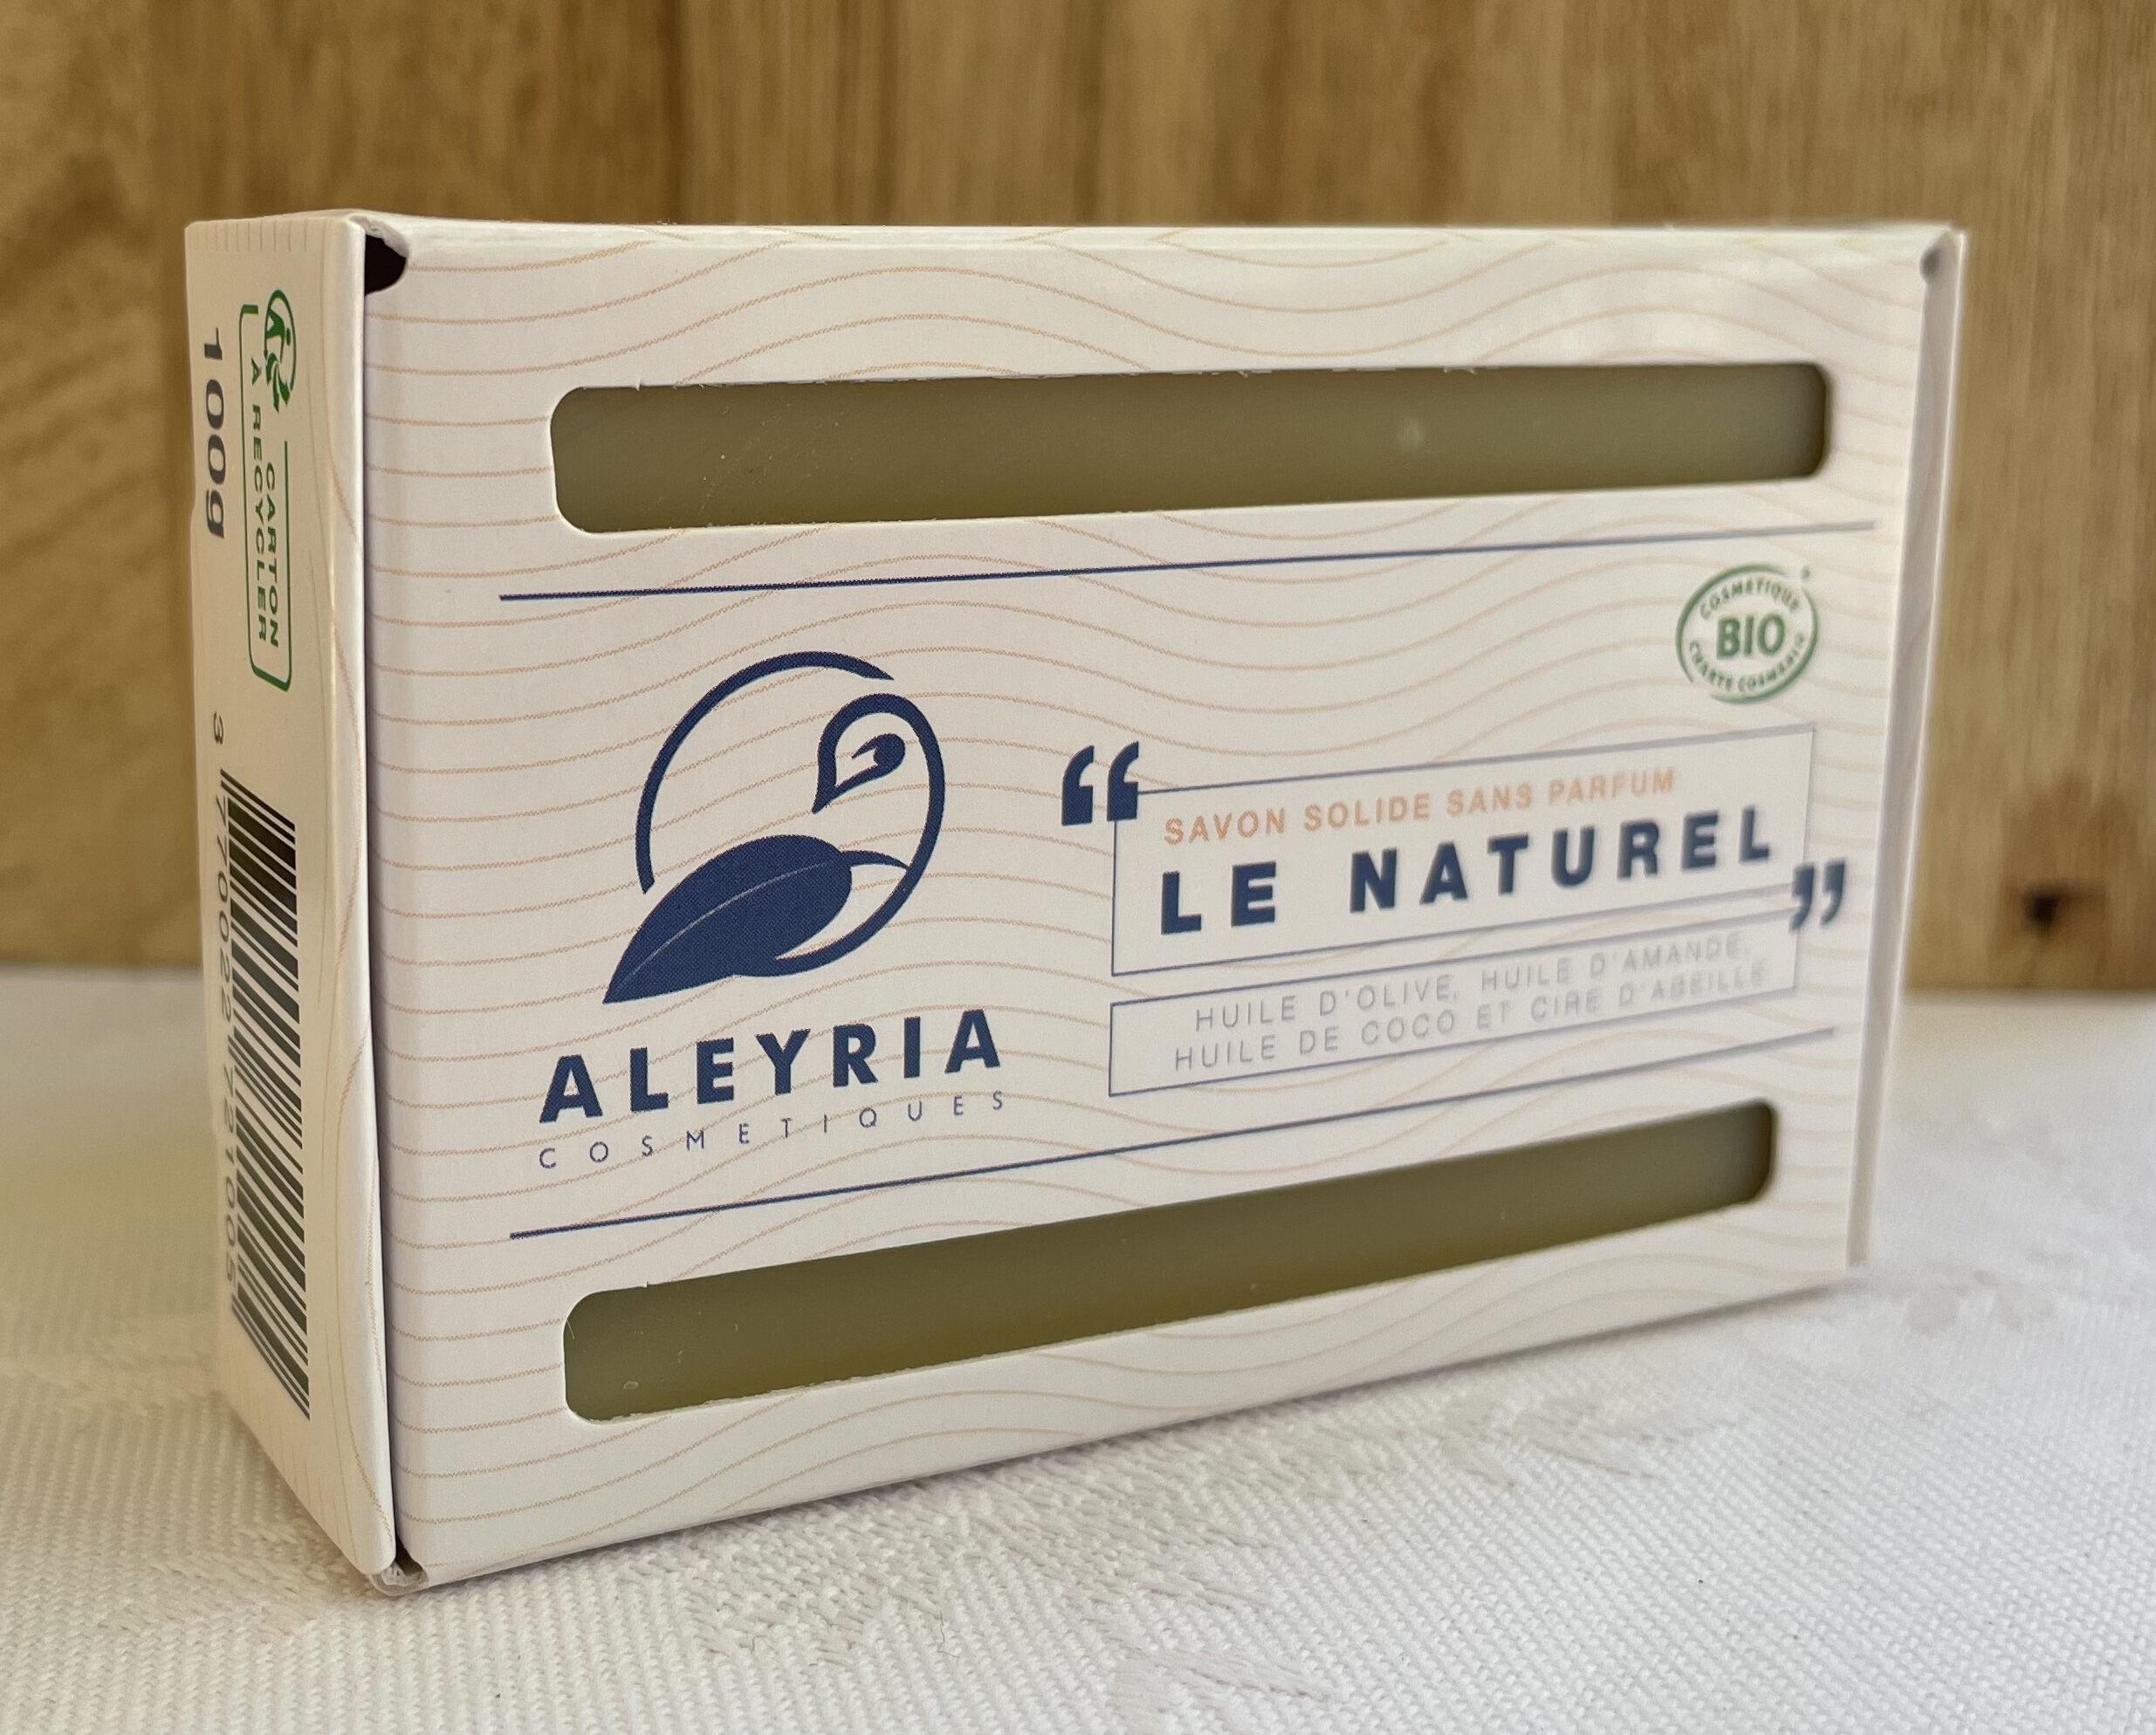 Savon solide Le Naturel - Aleyria Cosmétiques - Product - fr